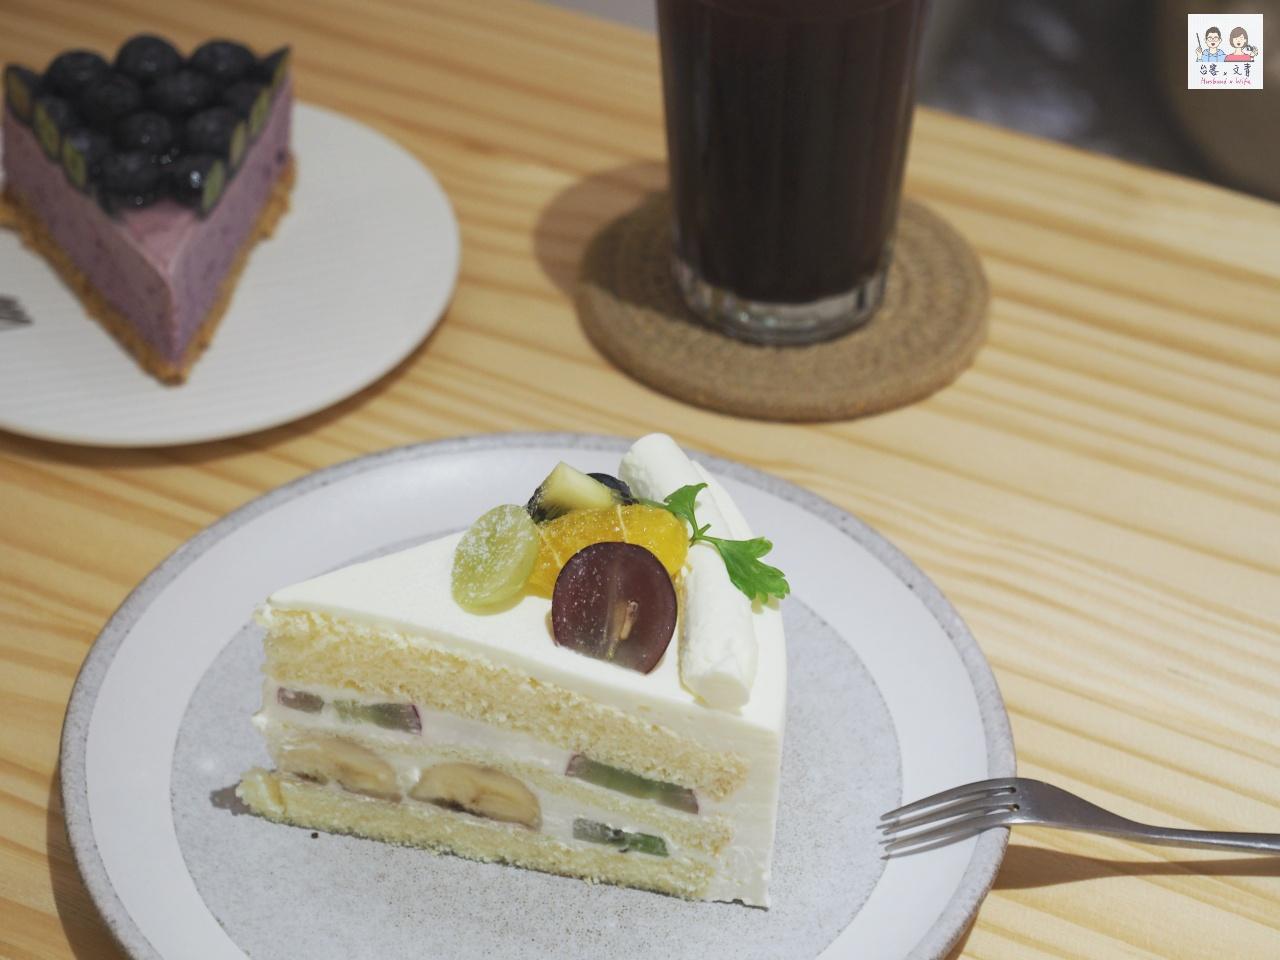 【桃園⋈咖啡】簡單少負擔的好味道「日福書法店」  清新的木質系空間享愜意午後 @台客X文青的夫婦日常